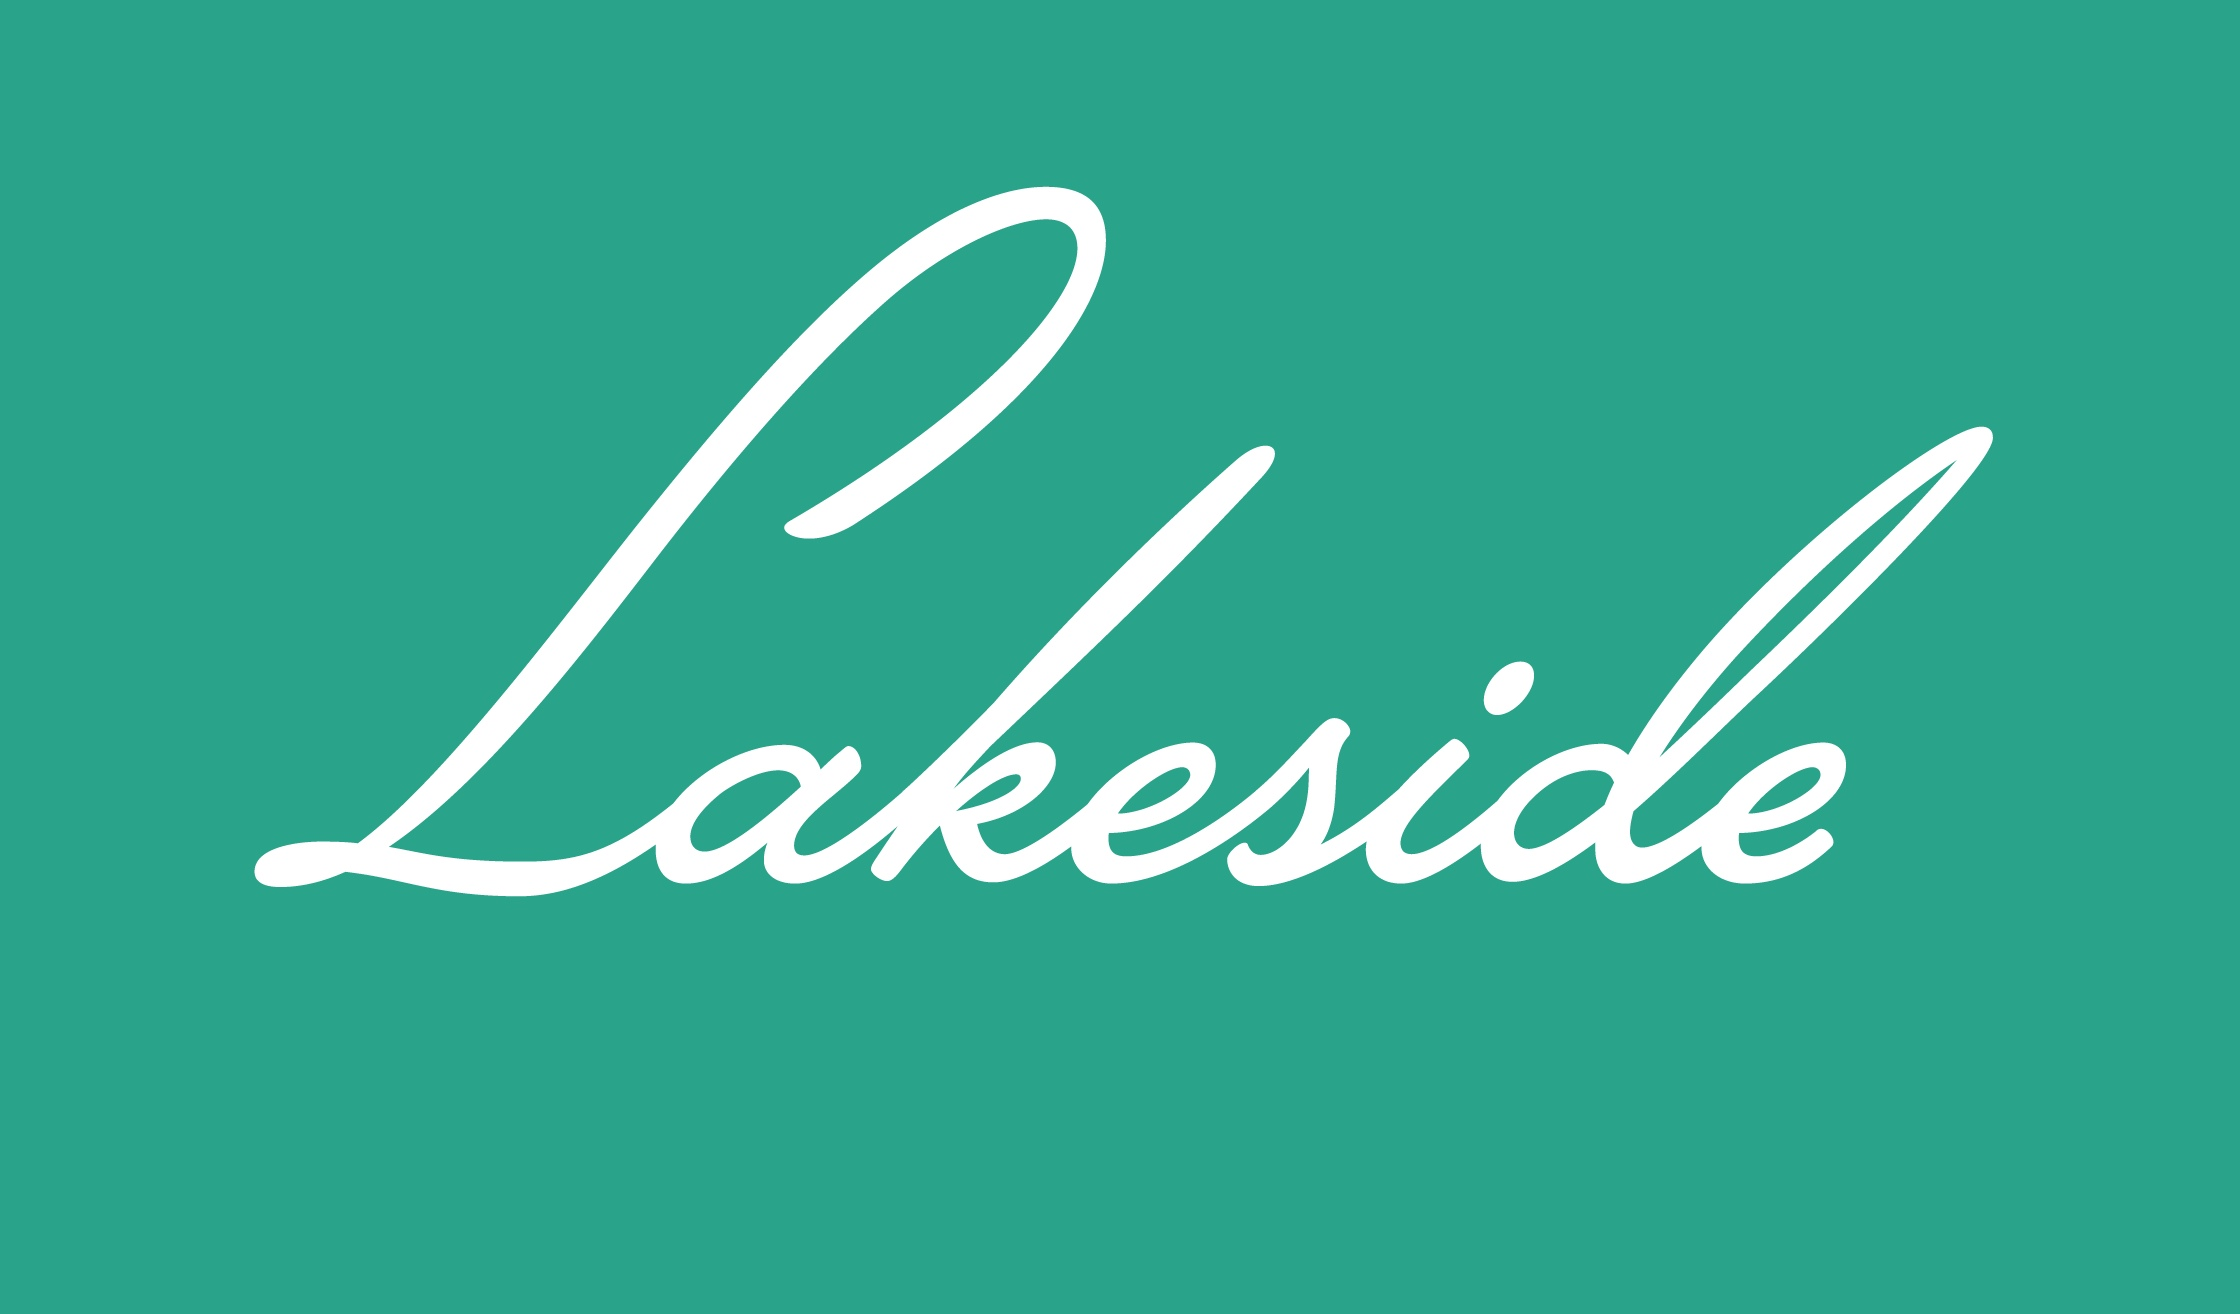 Lakeside手写连笔签名英文字体下载